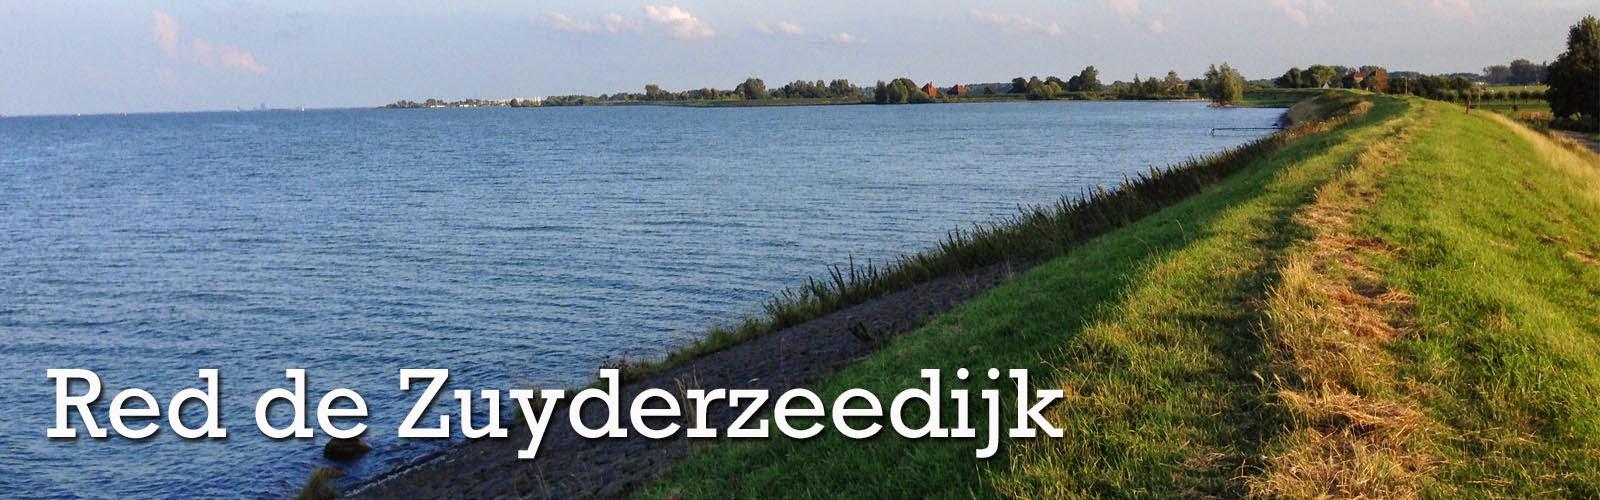 Red de Zuyderzeedijk